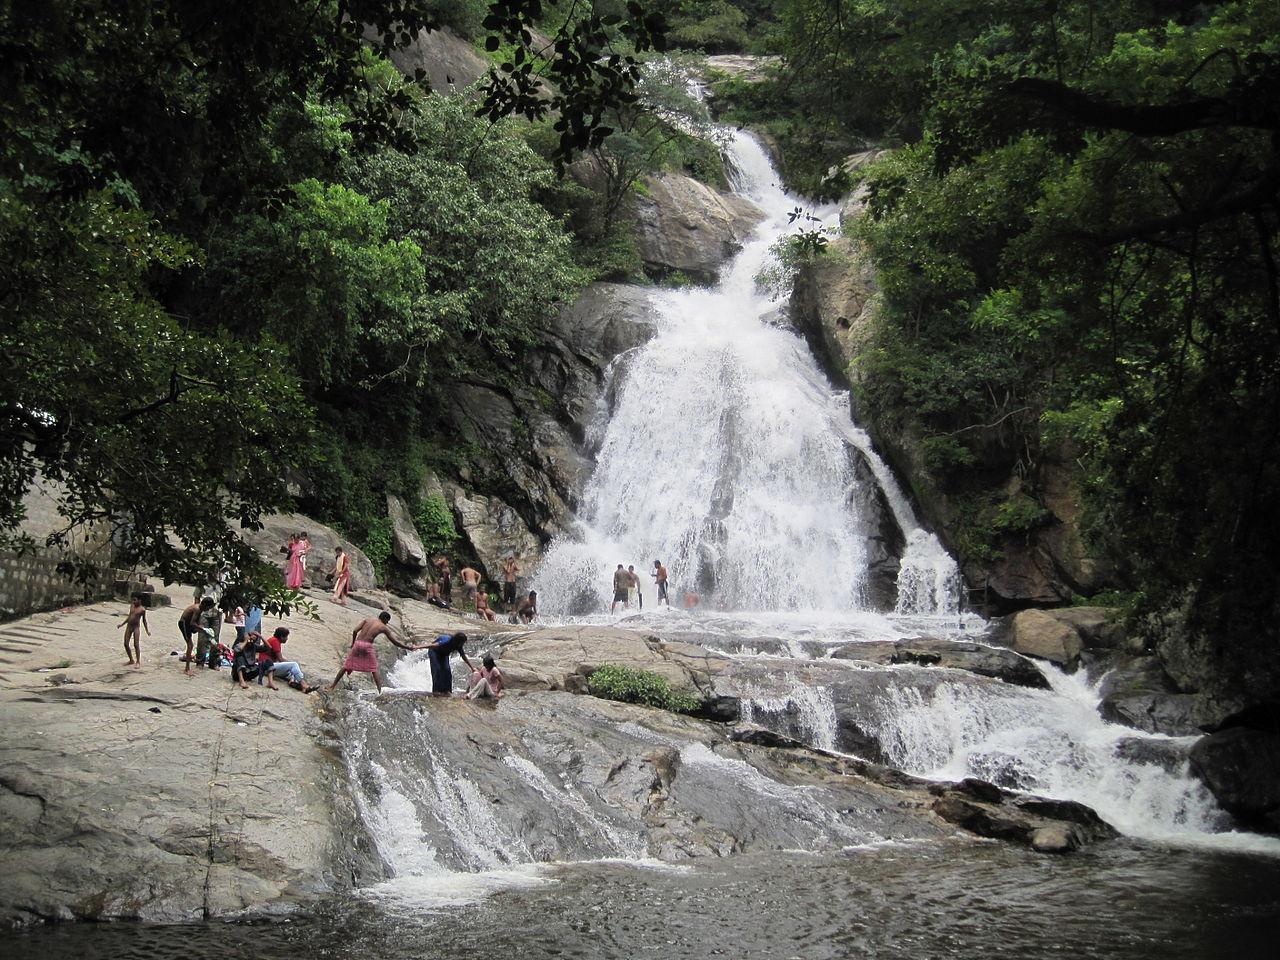 FileMonkey Falls CoimbatoreJPG  Wikimedia Commons